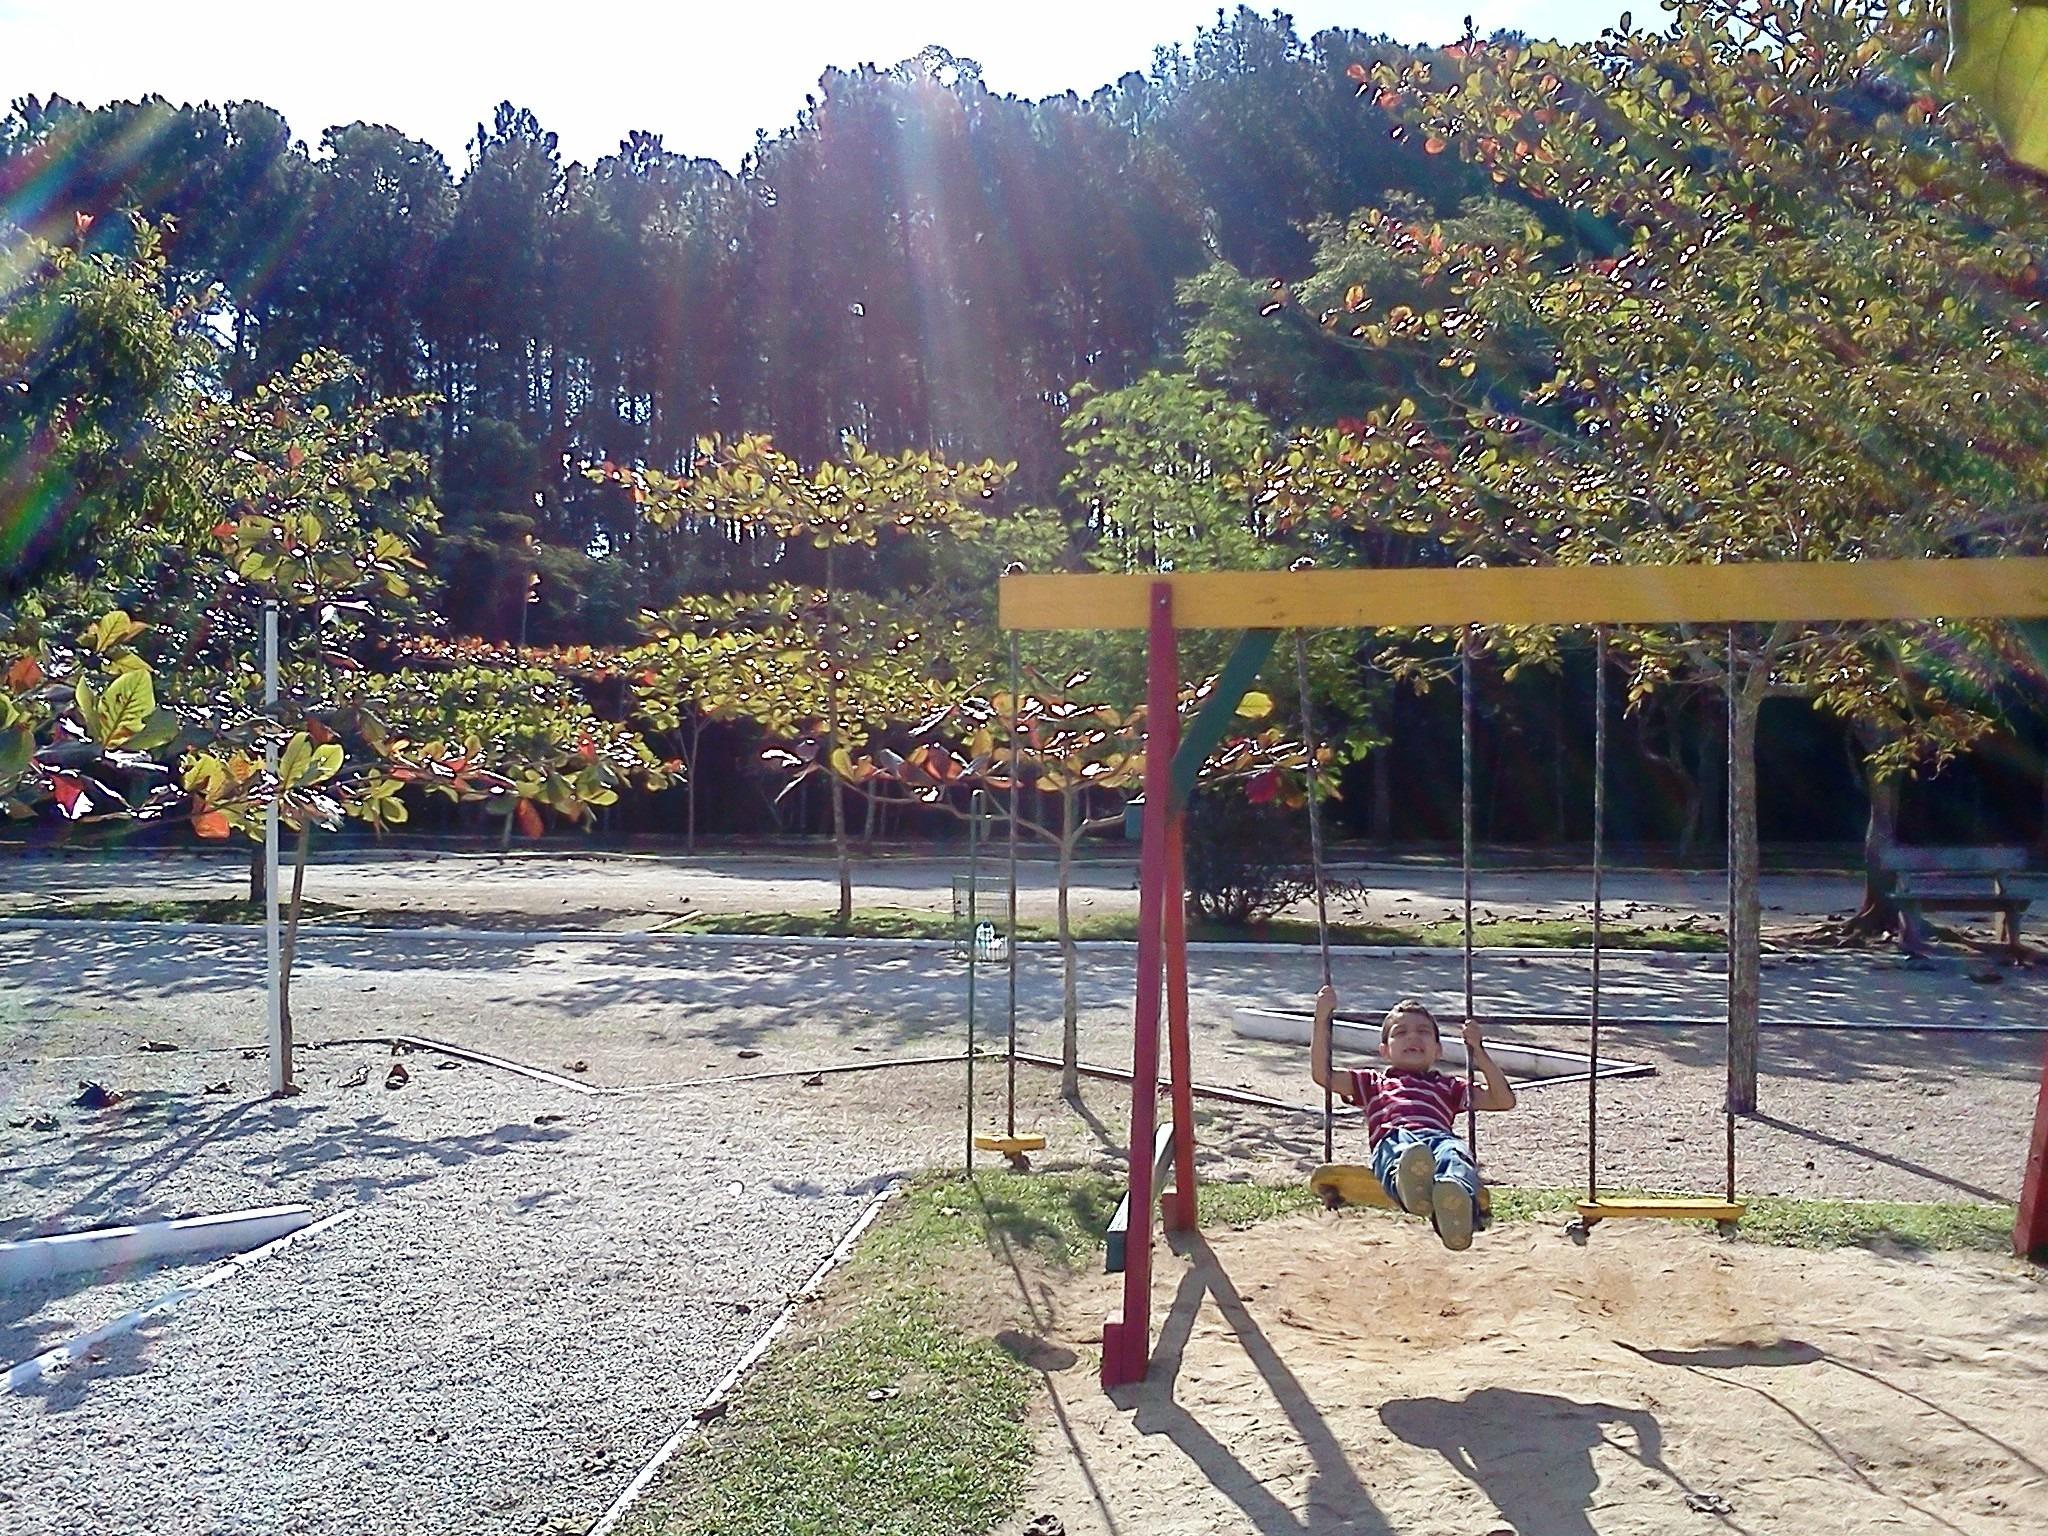 Gratuites ville des loisirs parc jardin jouet